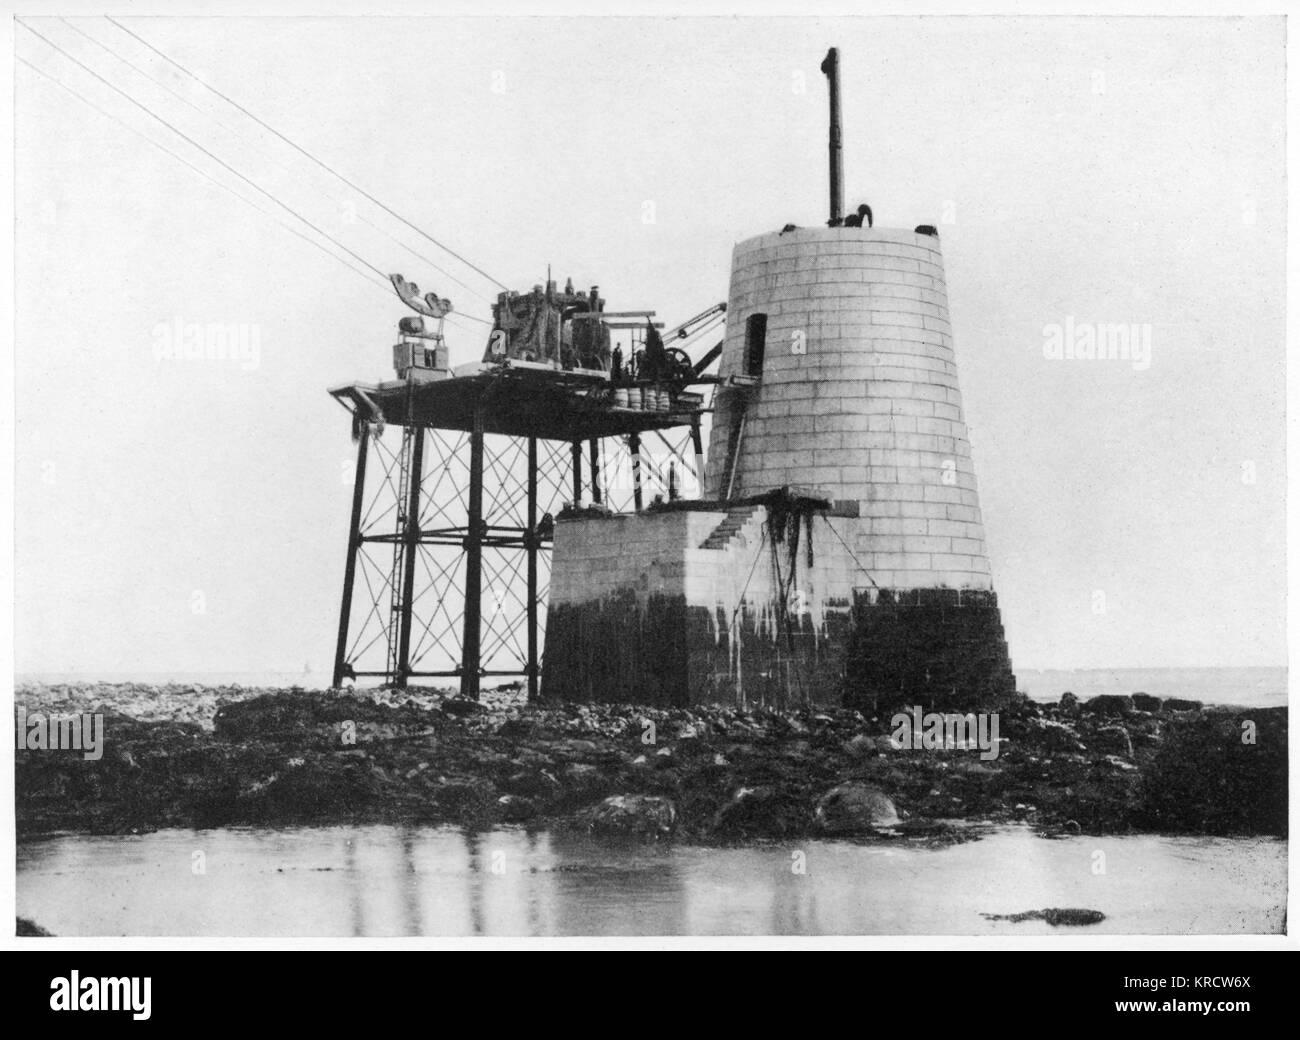 Building Beachy Head Lighthouse. 43 mètres de hauteur (31 mètres au-dessus de l'eau). Mis en service en 1902. Date: 1900 Banque D'Images